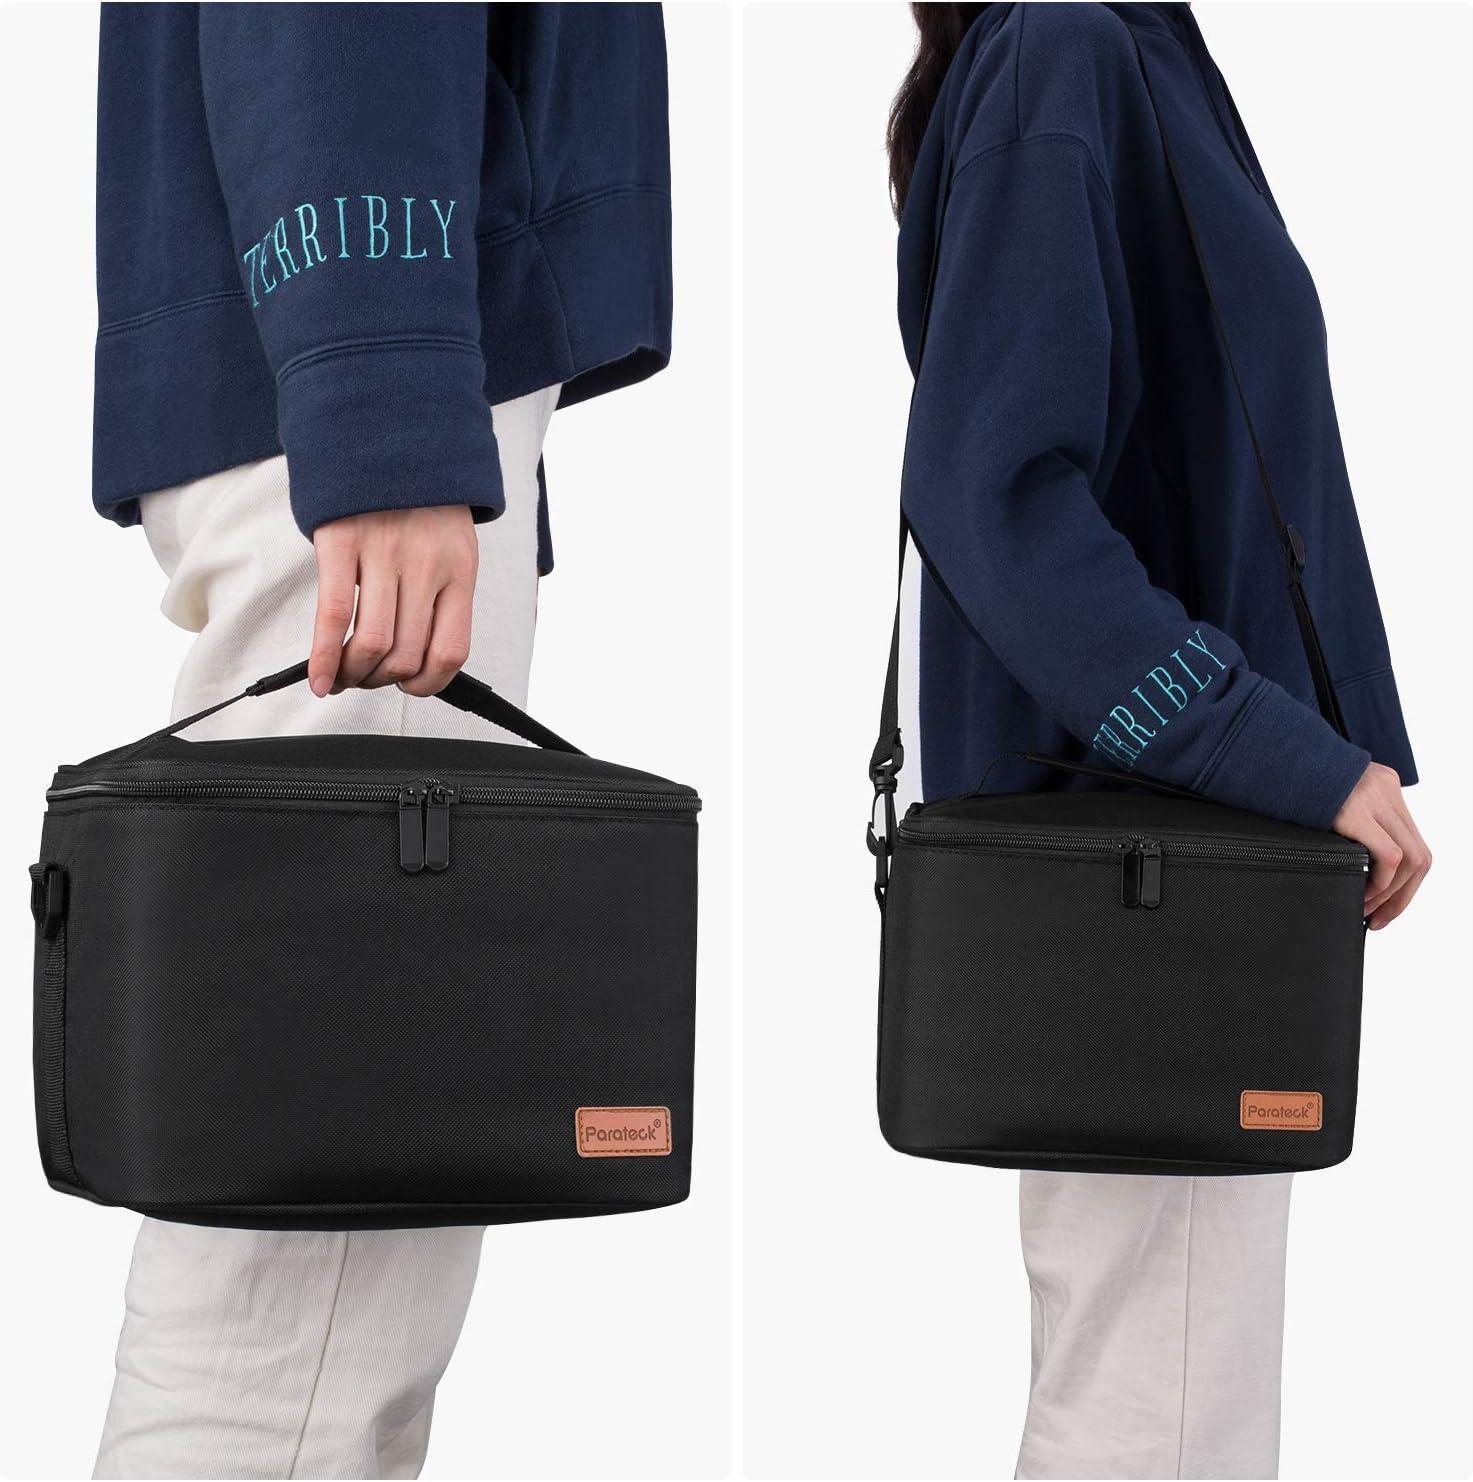 Kühltasche Faltbar Thermotasche für Die Arbeit Männer Frauen 30L - Schwarz